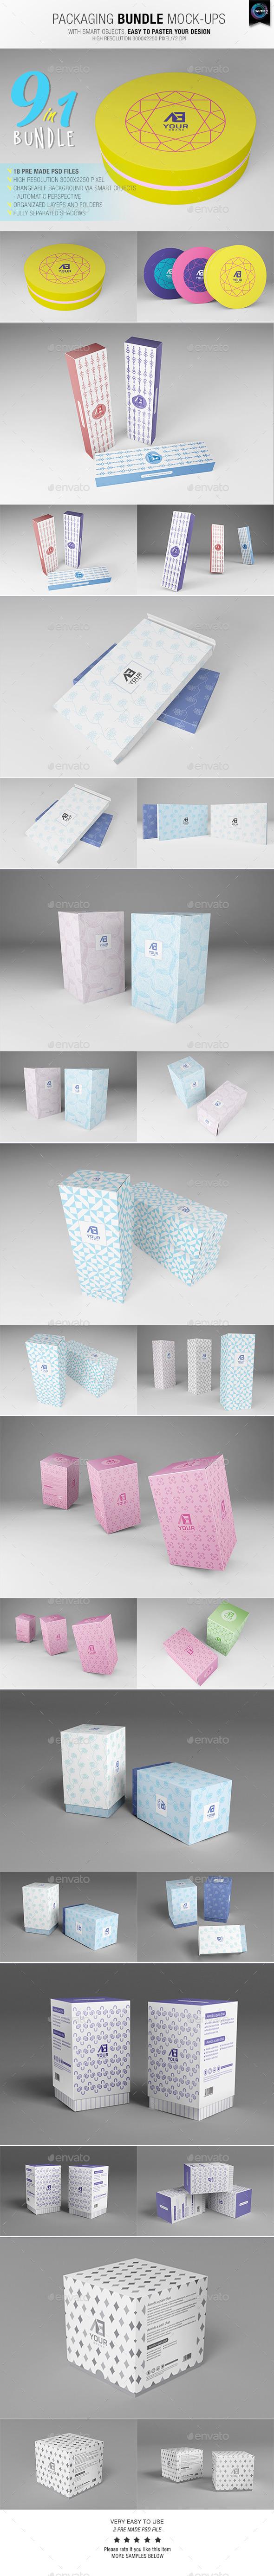 Packaging Bundle Mock-Ups - Packaging Product Mock-Ups